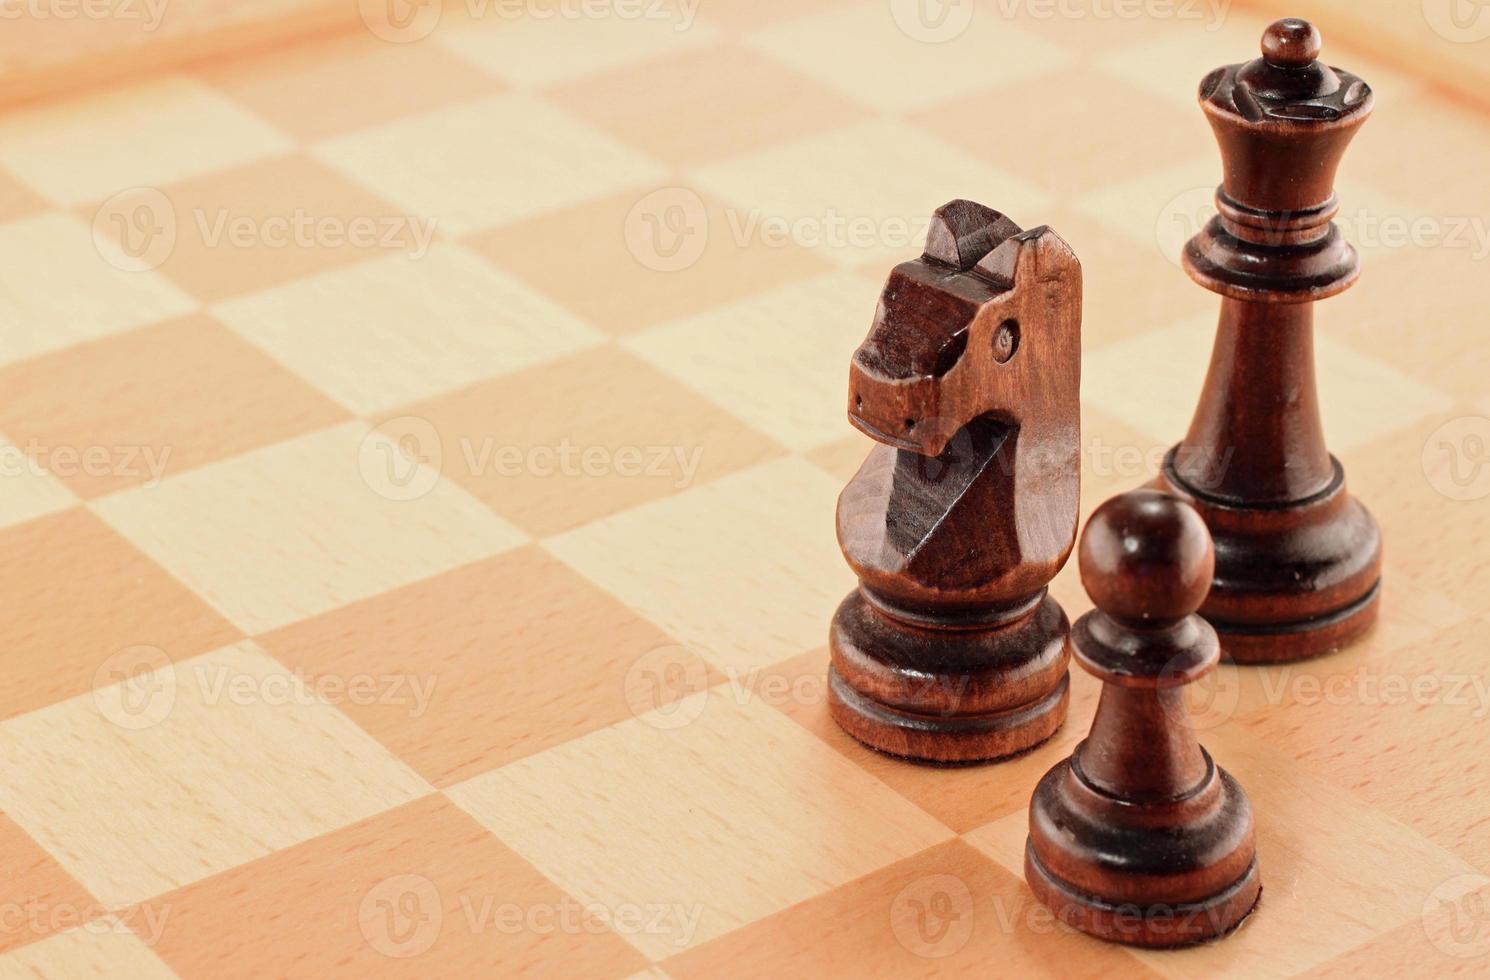 drie houten schaakstukken op een schaakbord foto